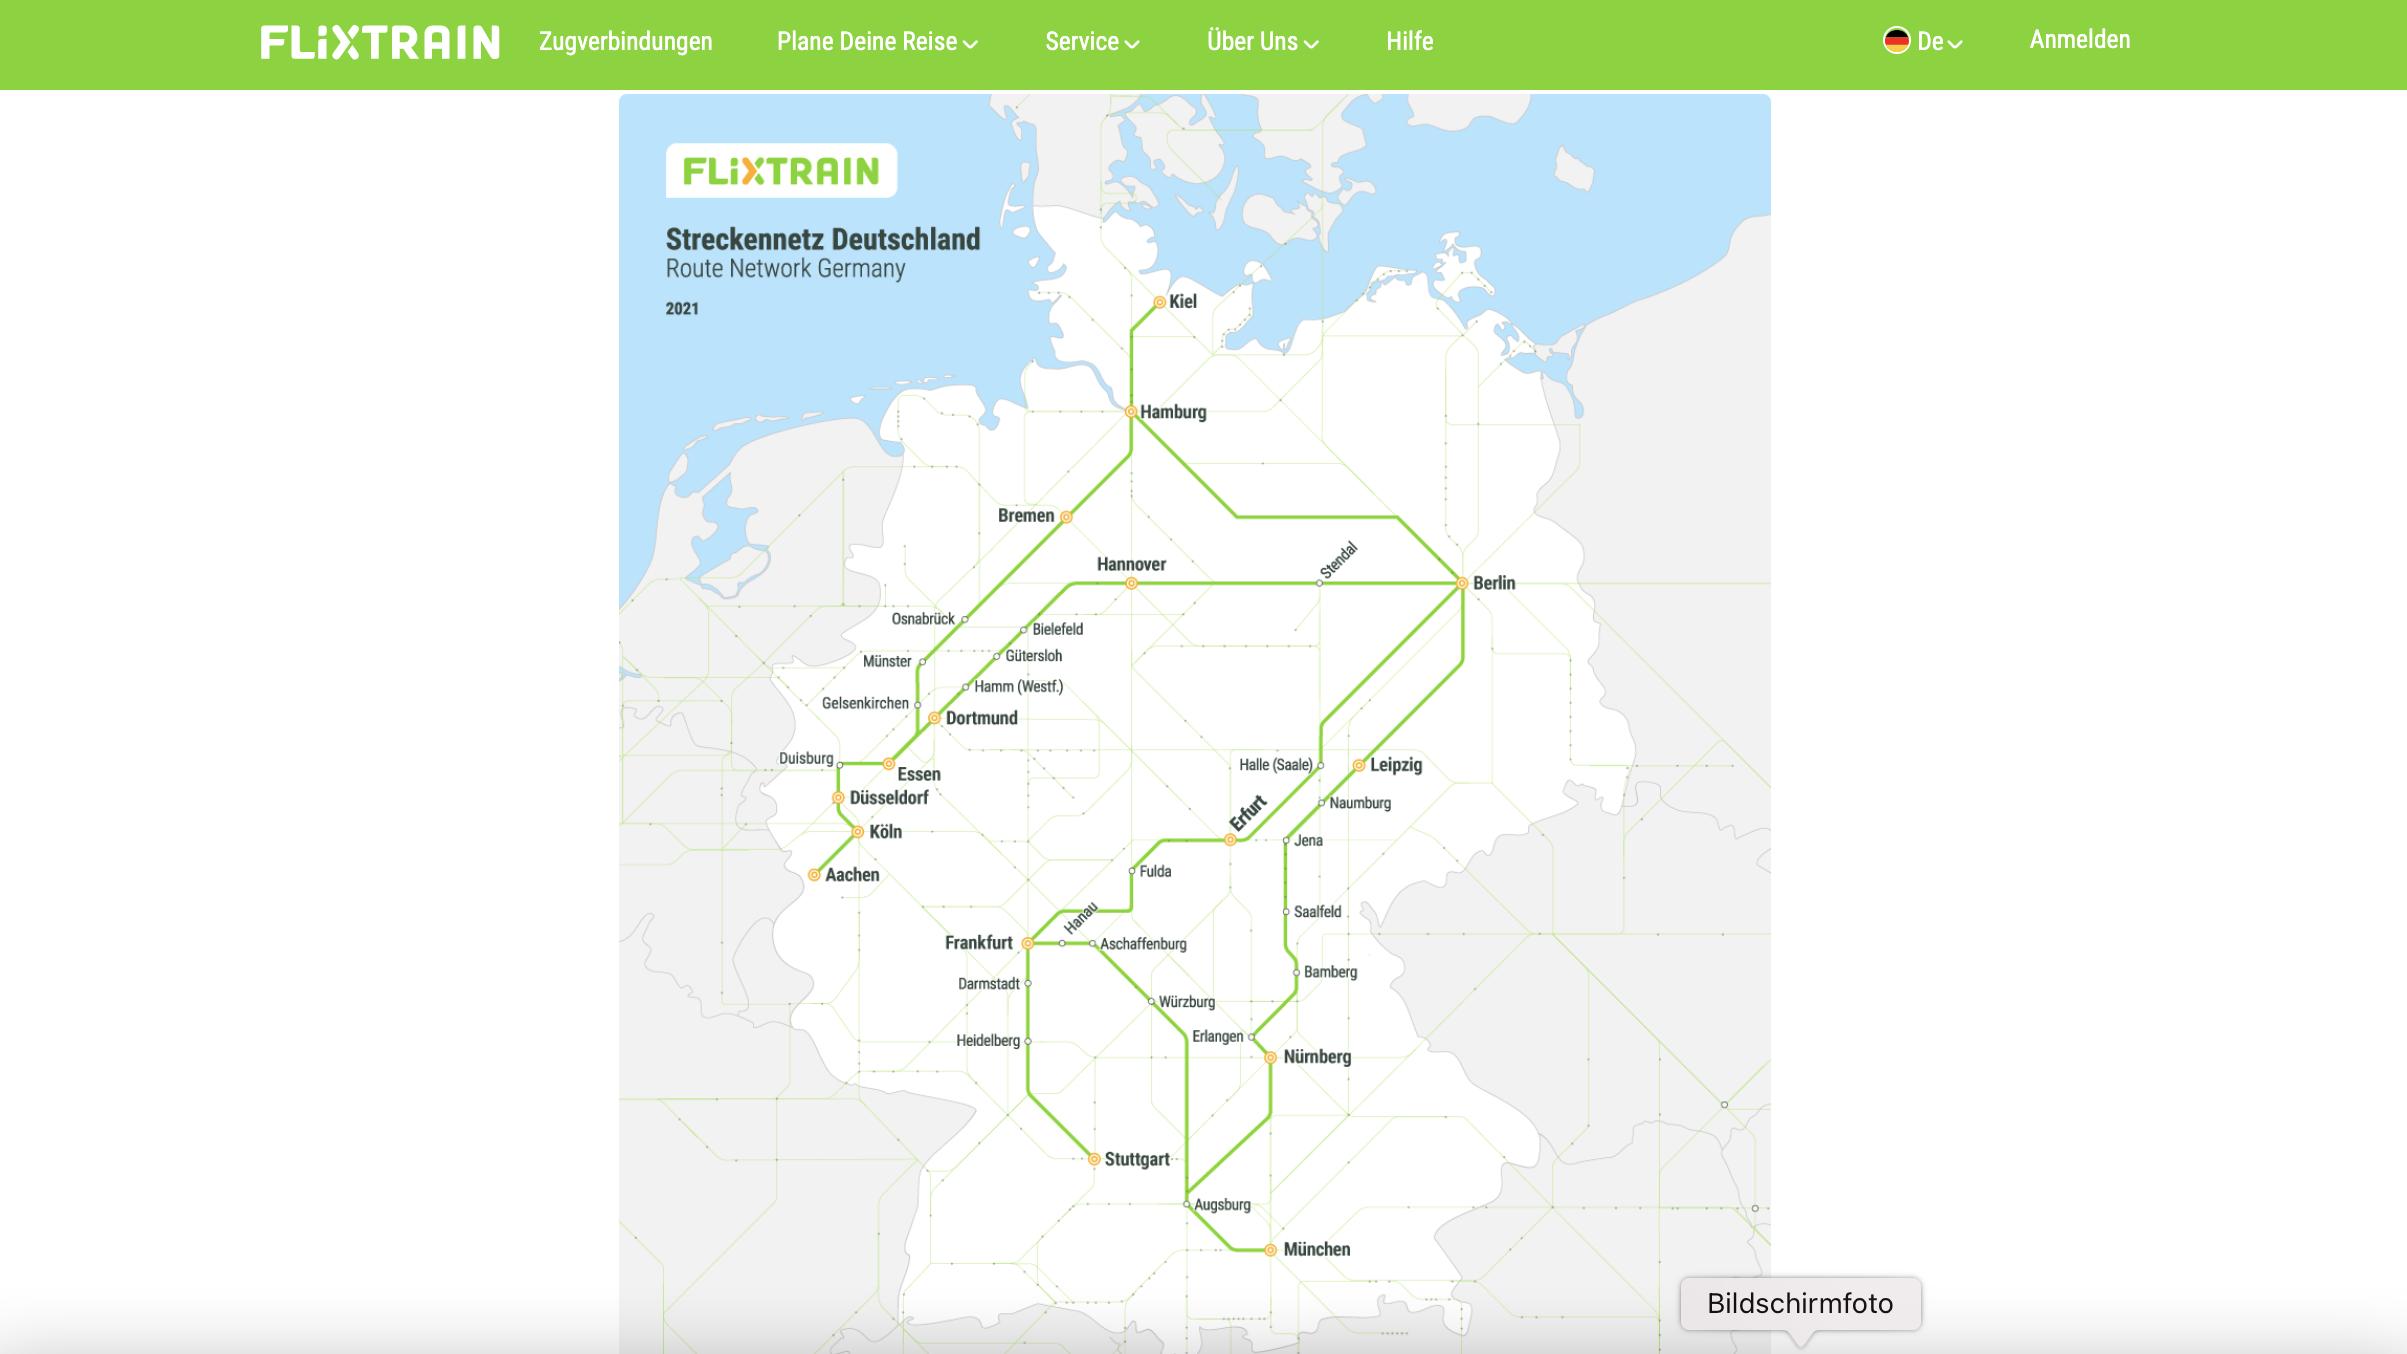 Streckennetz von Flixtrain